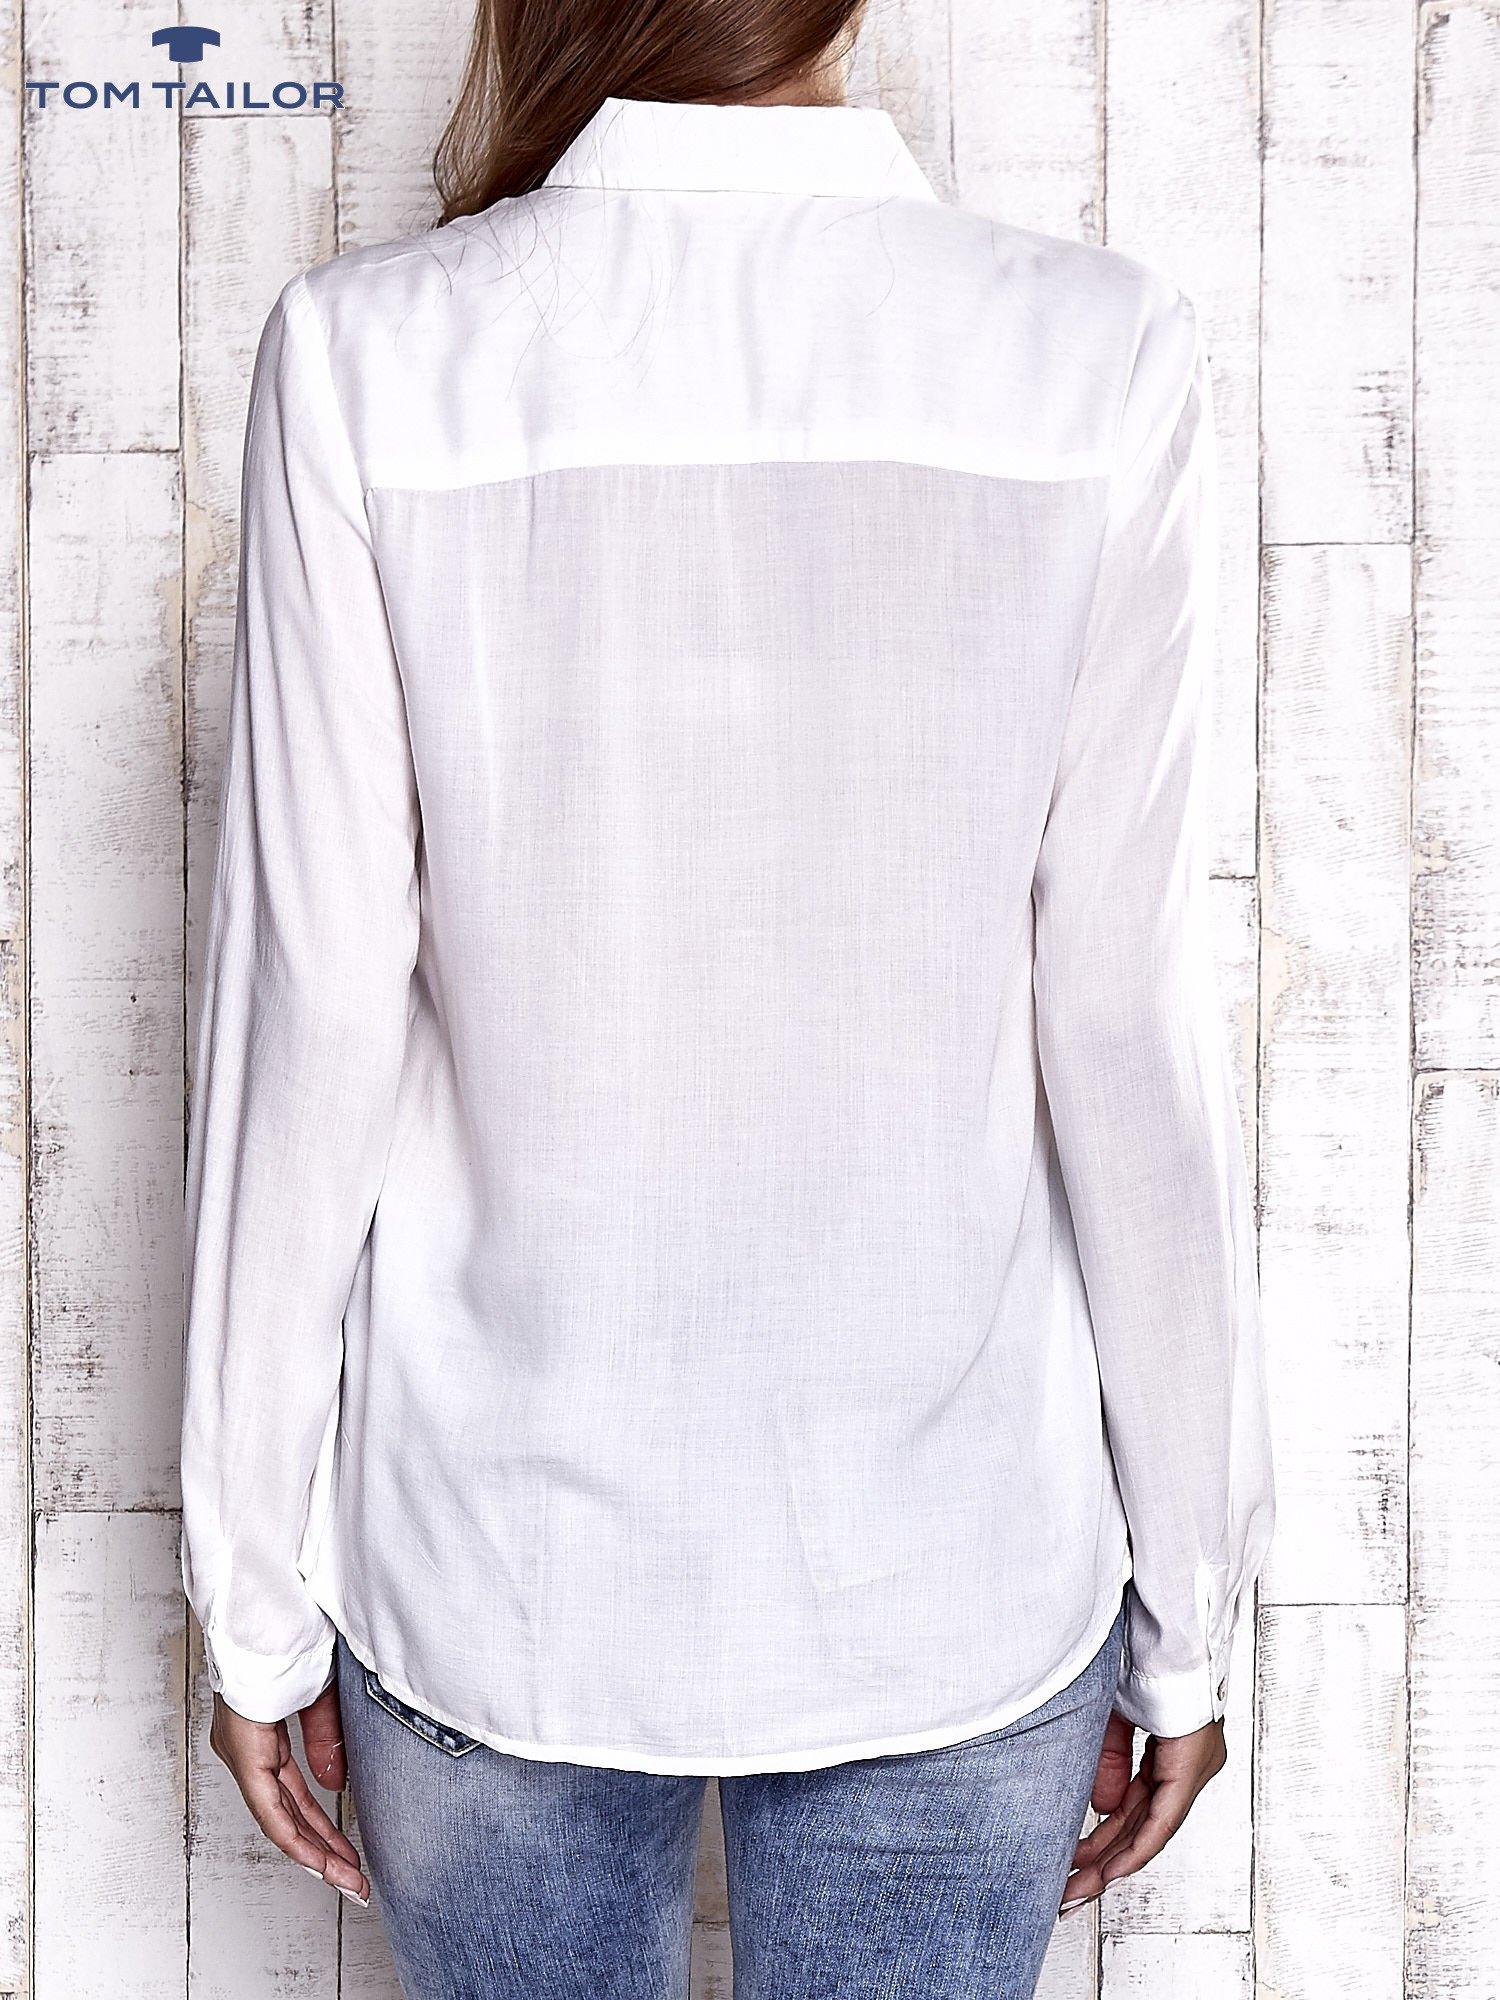 TOM TAILOR Ecru koszula z koronkową wstawką                                  zdj.                                  2